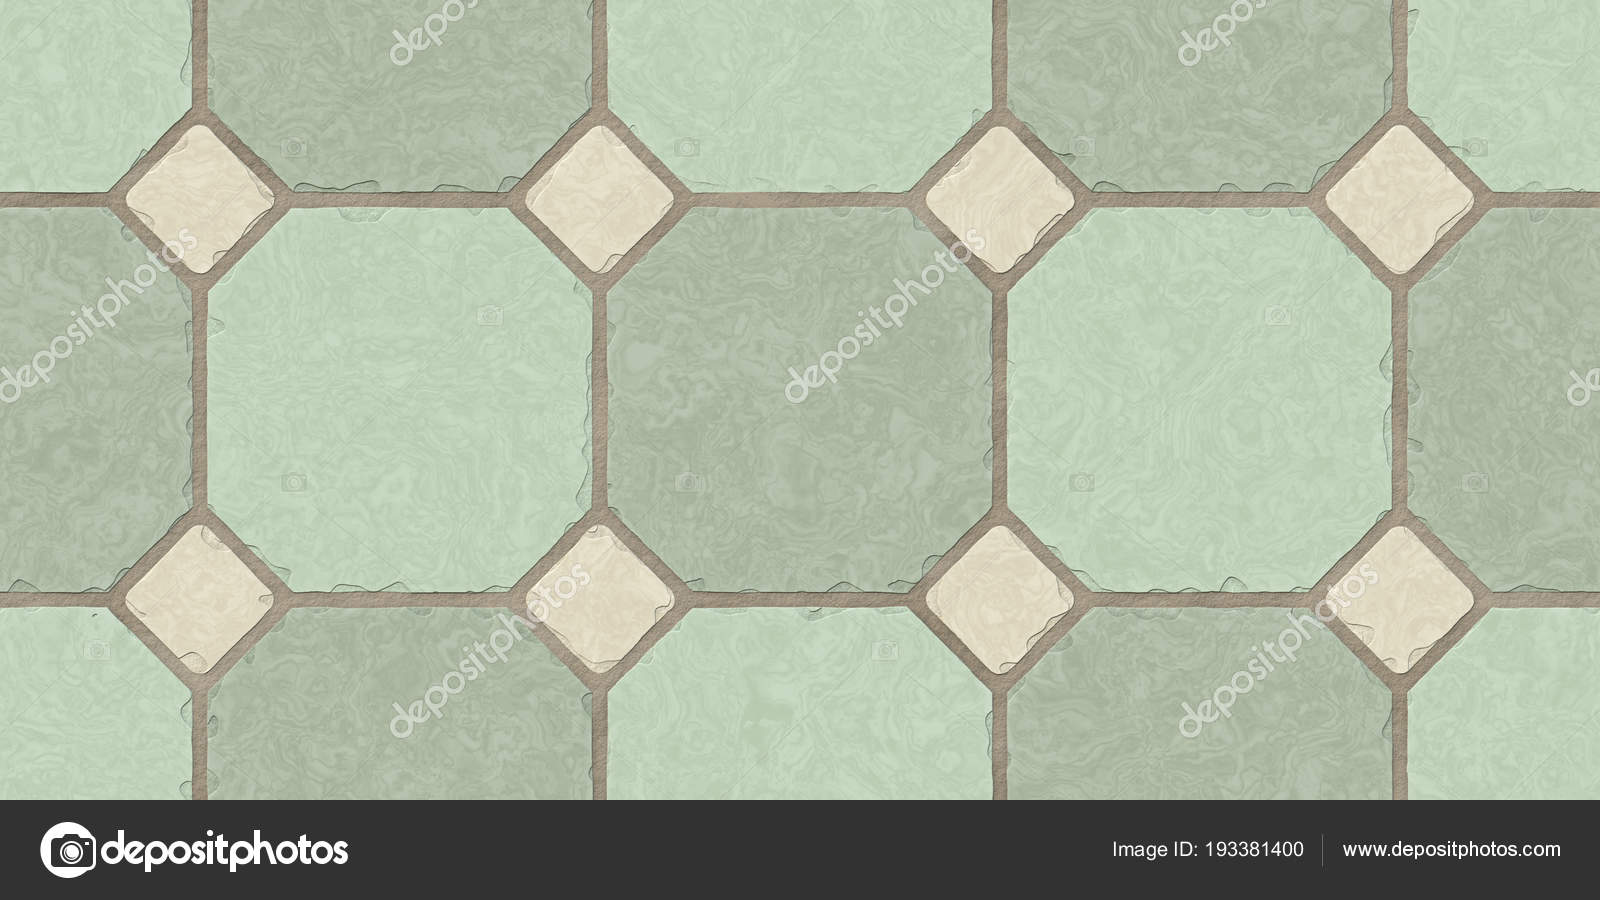 Pistache beige naadloze klassieke vloer tegel textuur. mozaïek